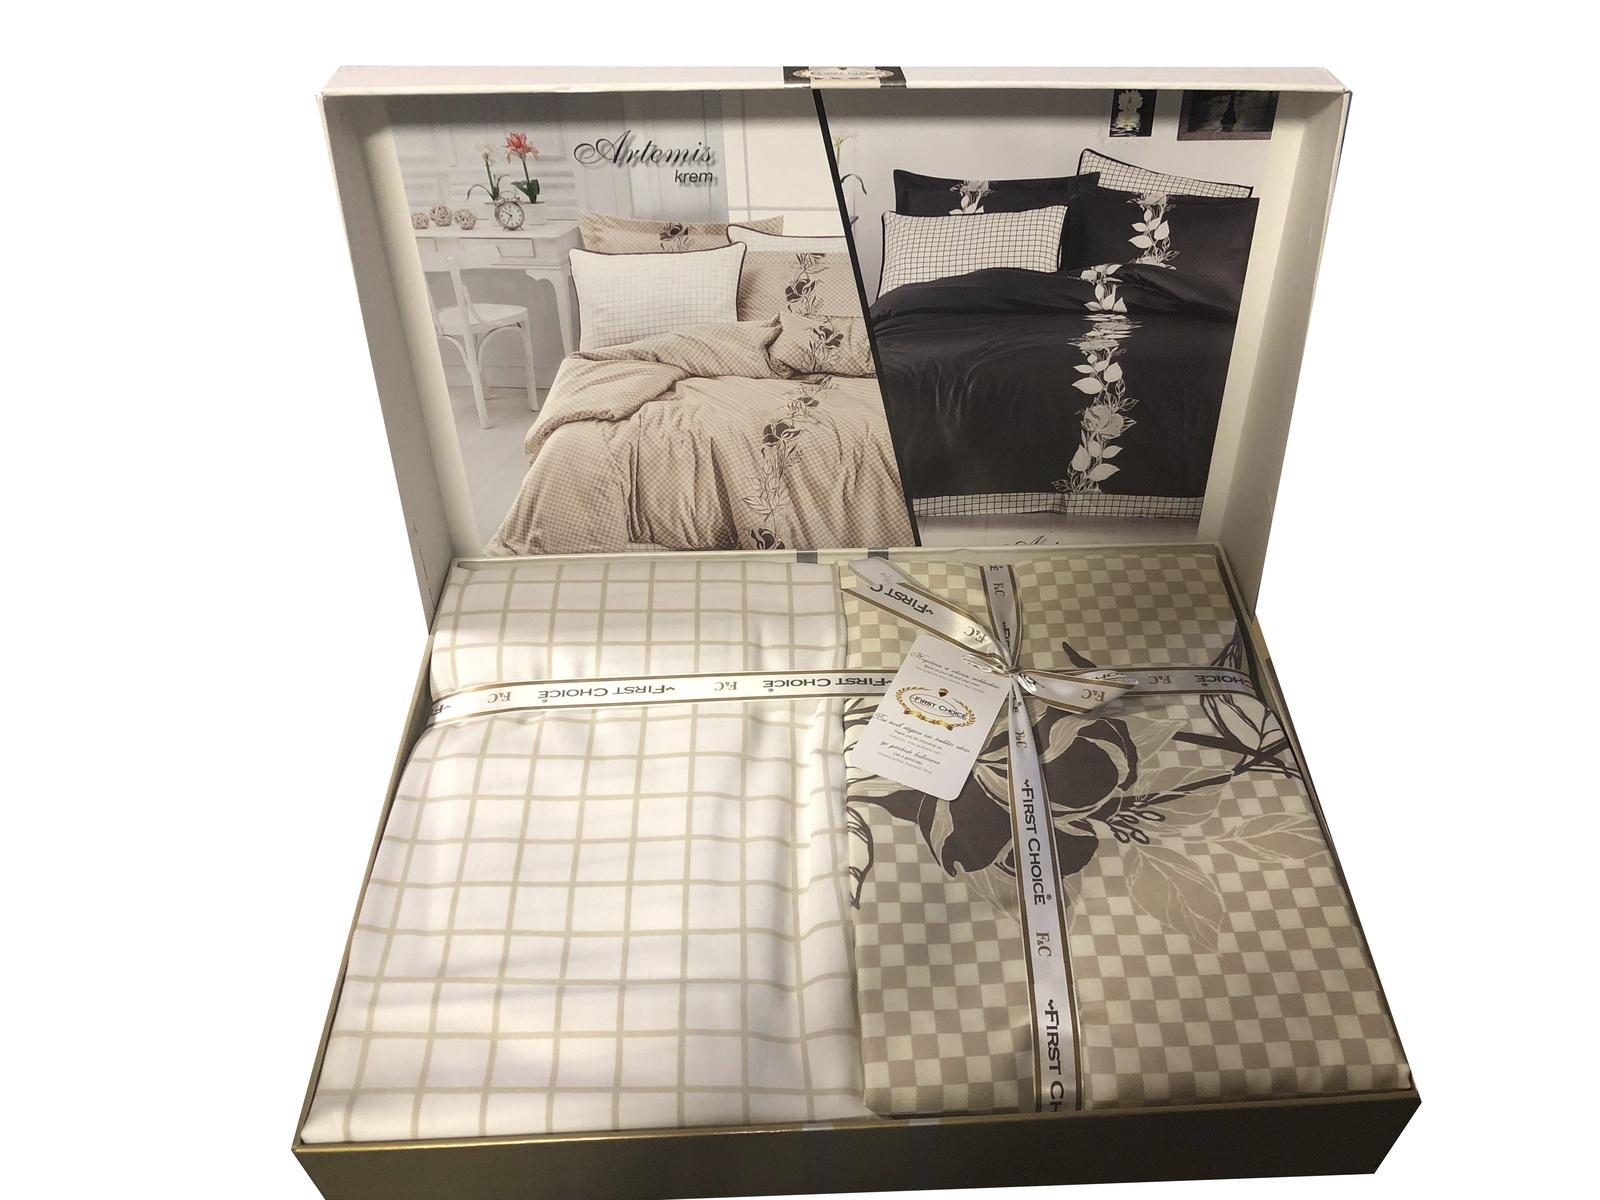 Комплект постельного белья First Choice (хлопок, сатин) комплект постельного белья lou семейное сатин наволочки 50 х 70 2шт